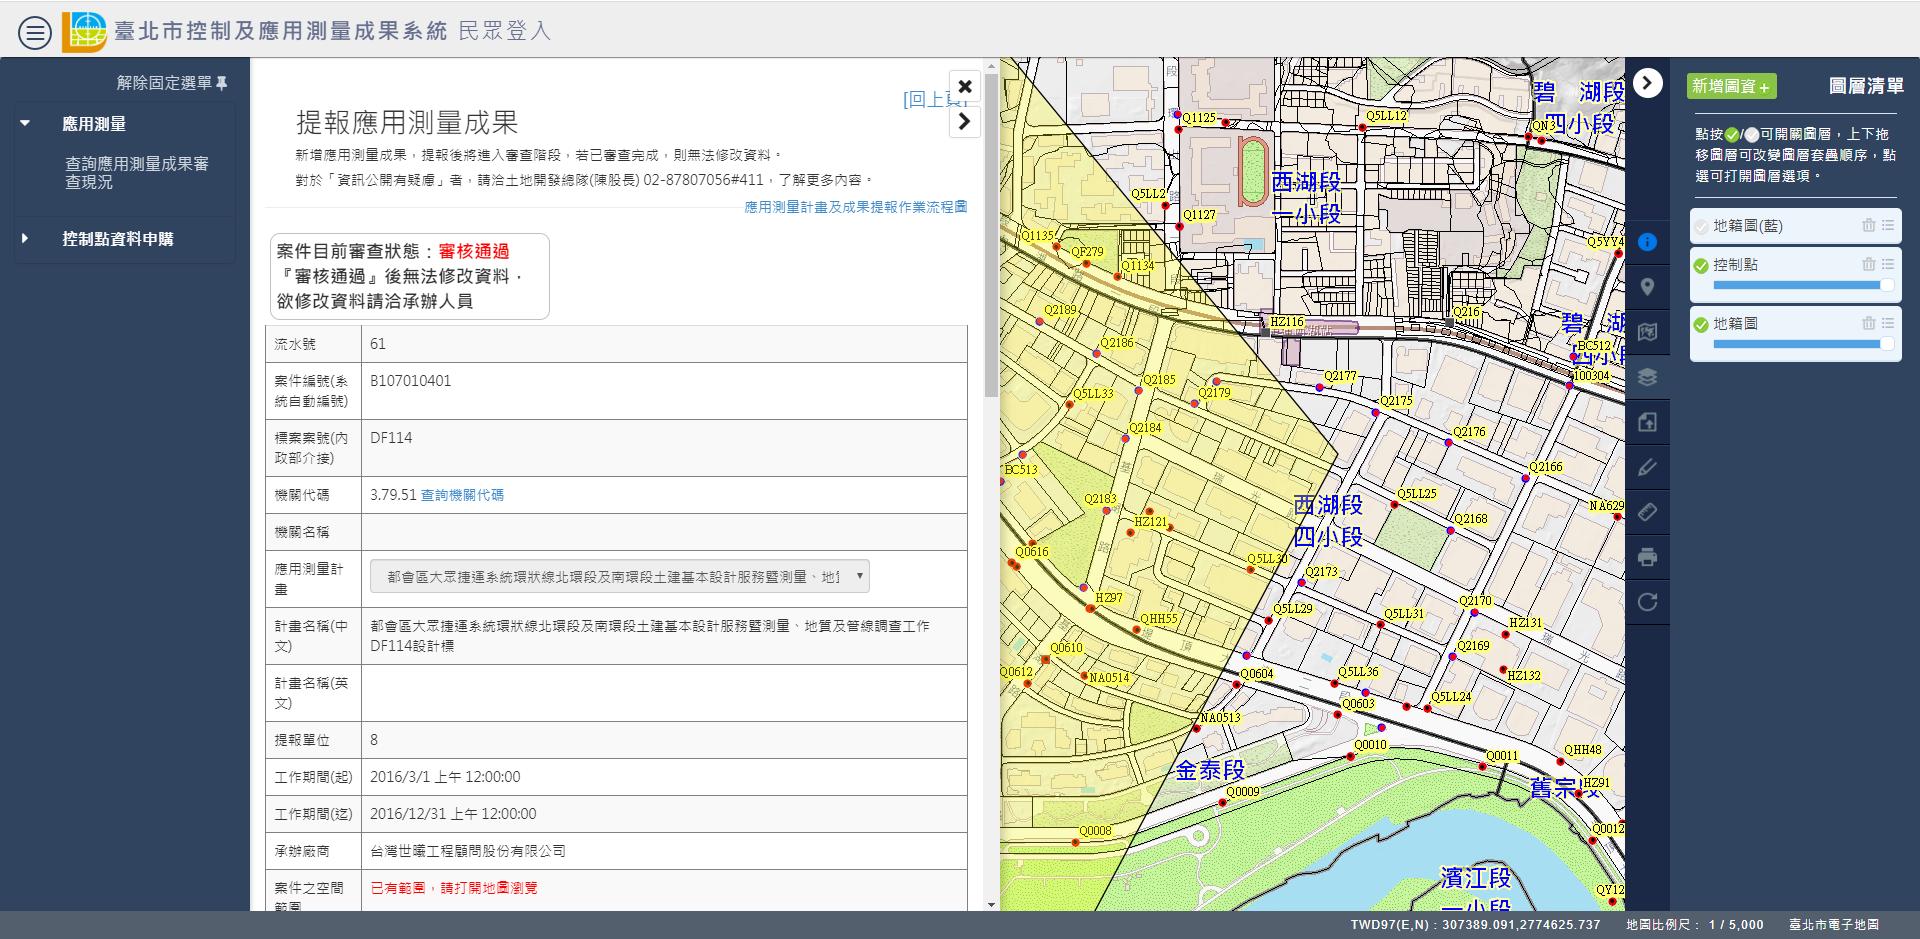 臺北市控制及應用測量成果系統民眾登入查詢應用測量成果介面